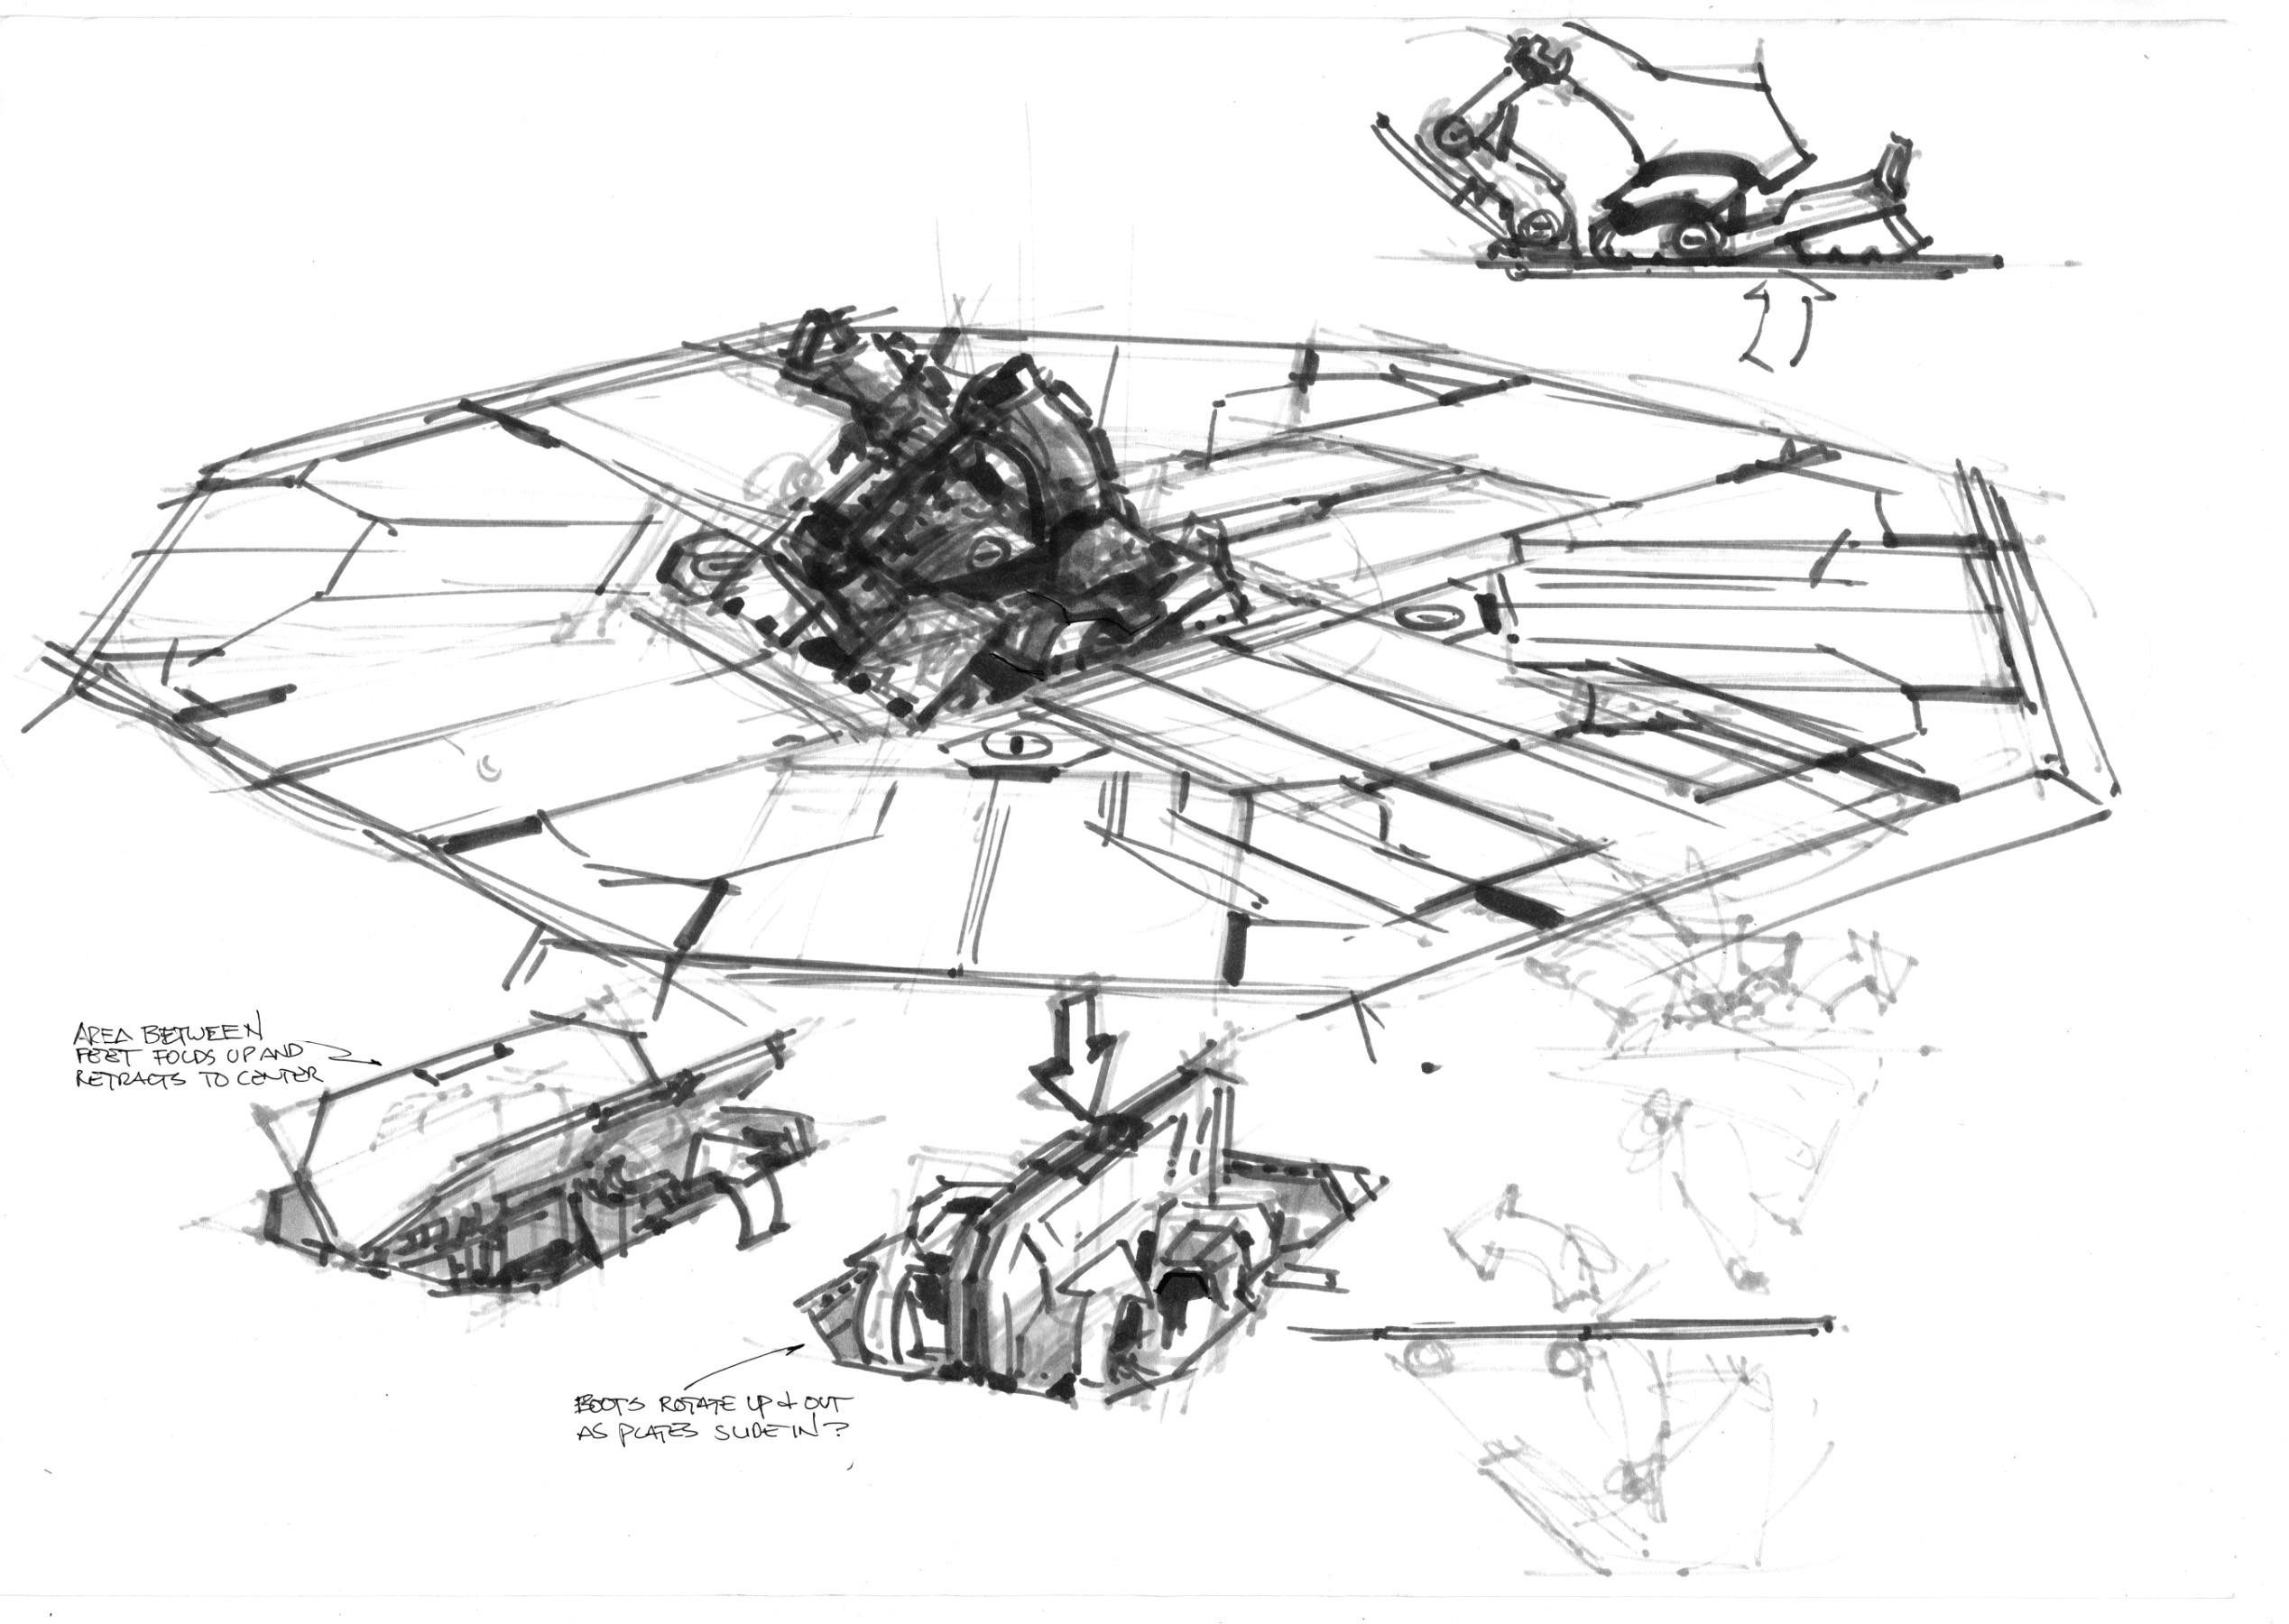 Concept sketch of the floor panel break-up (Marker)